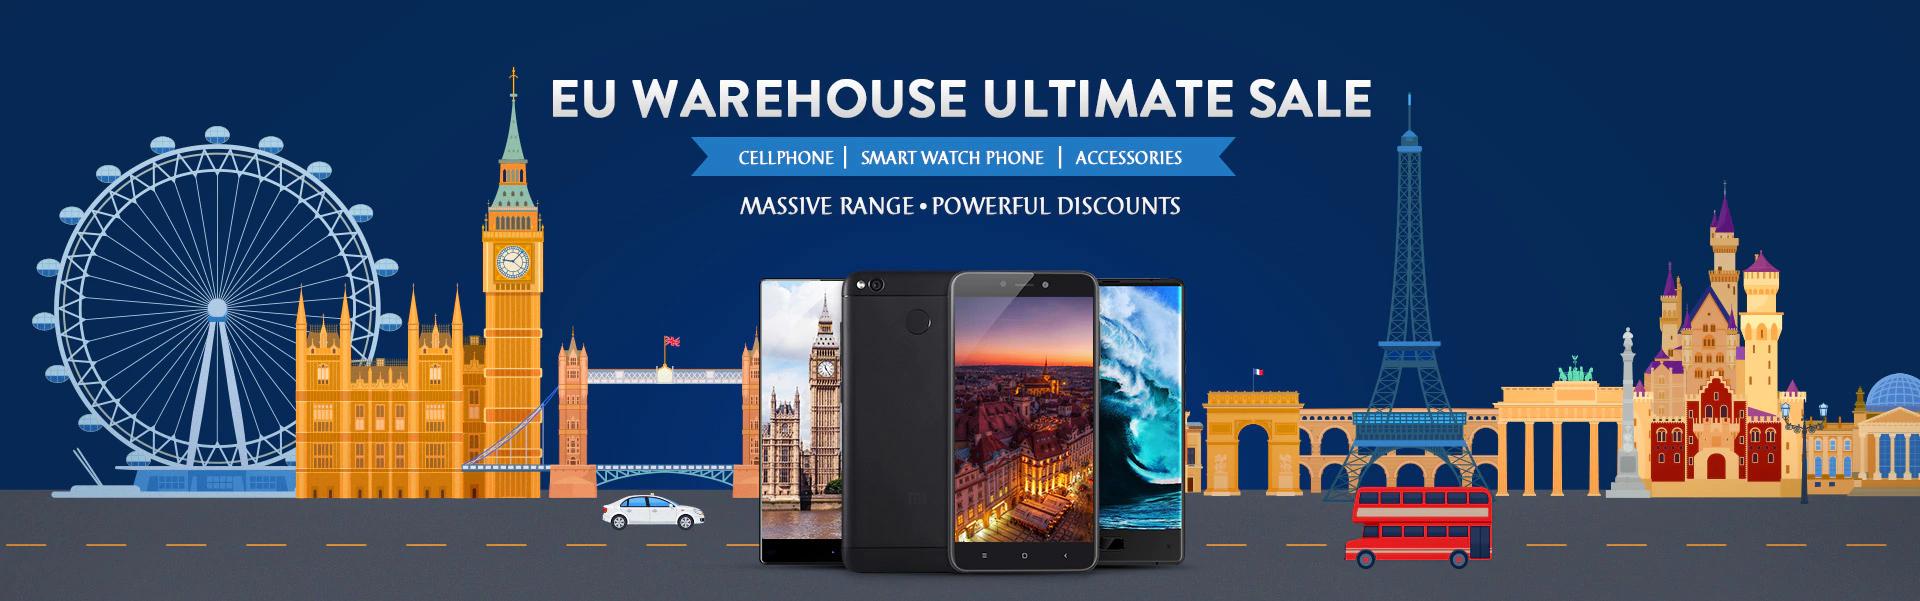 [Gearbest] EU-3 Warehouse Sale mit $20 Gutschein ab $100 MBW - z.B. Oukitel U11 Plus mit 42% Ersparnis!